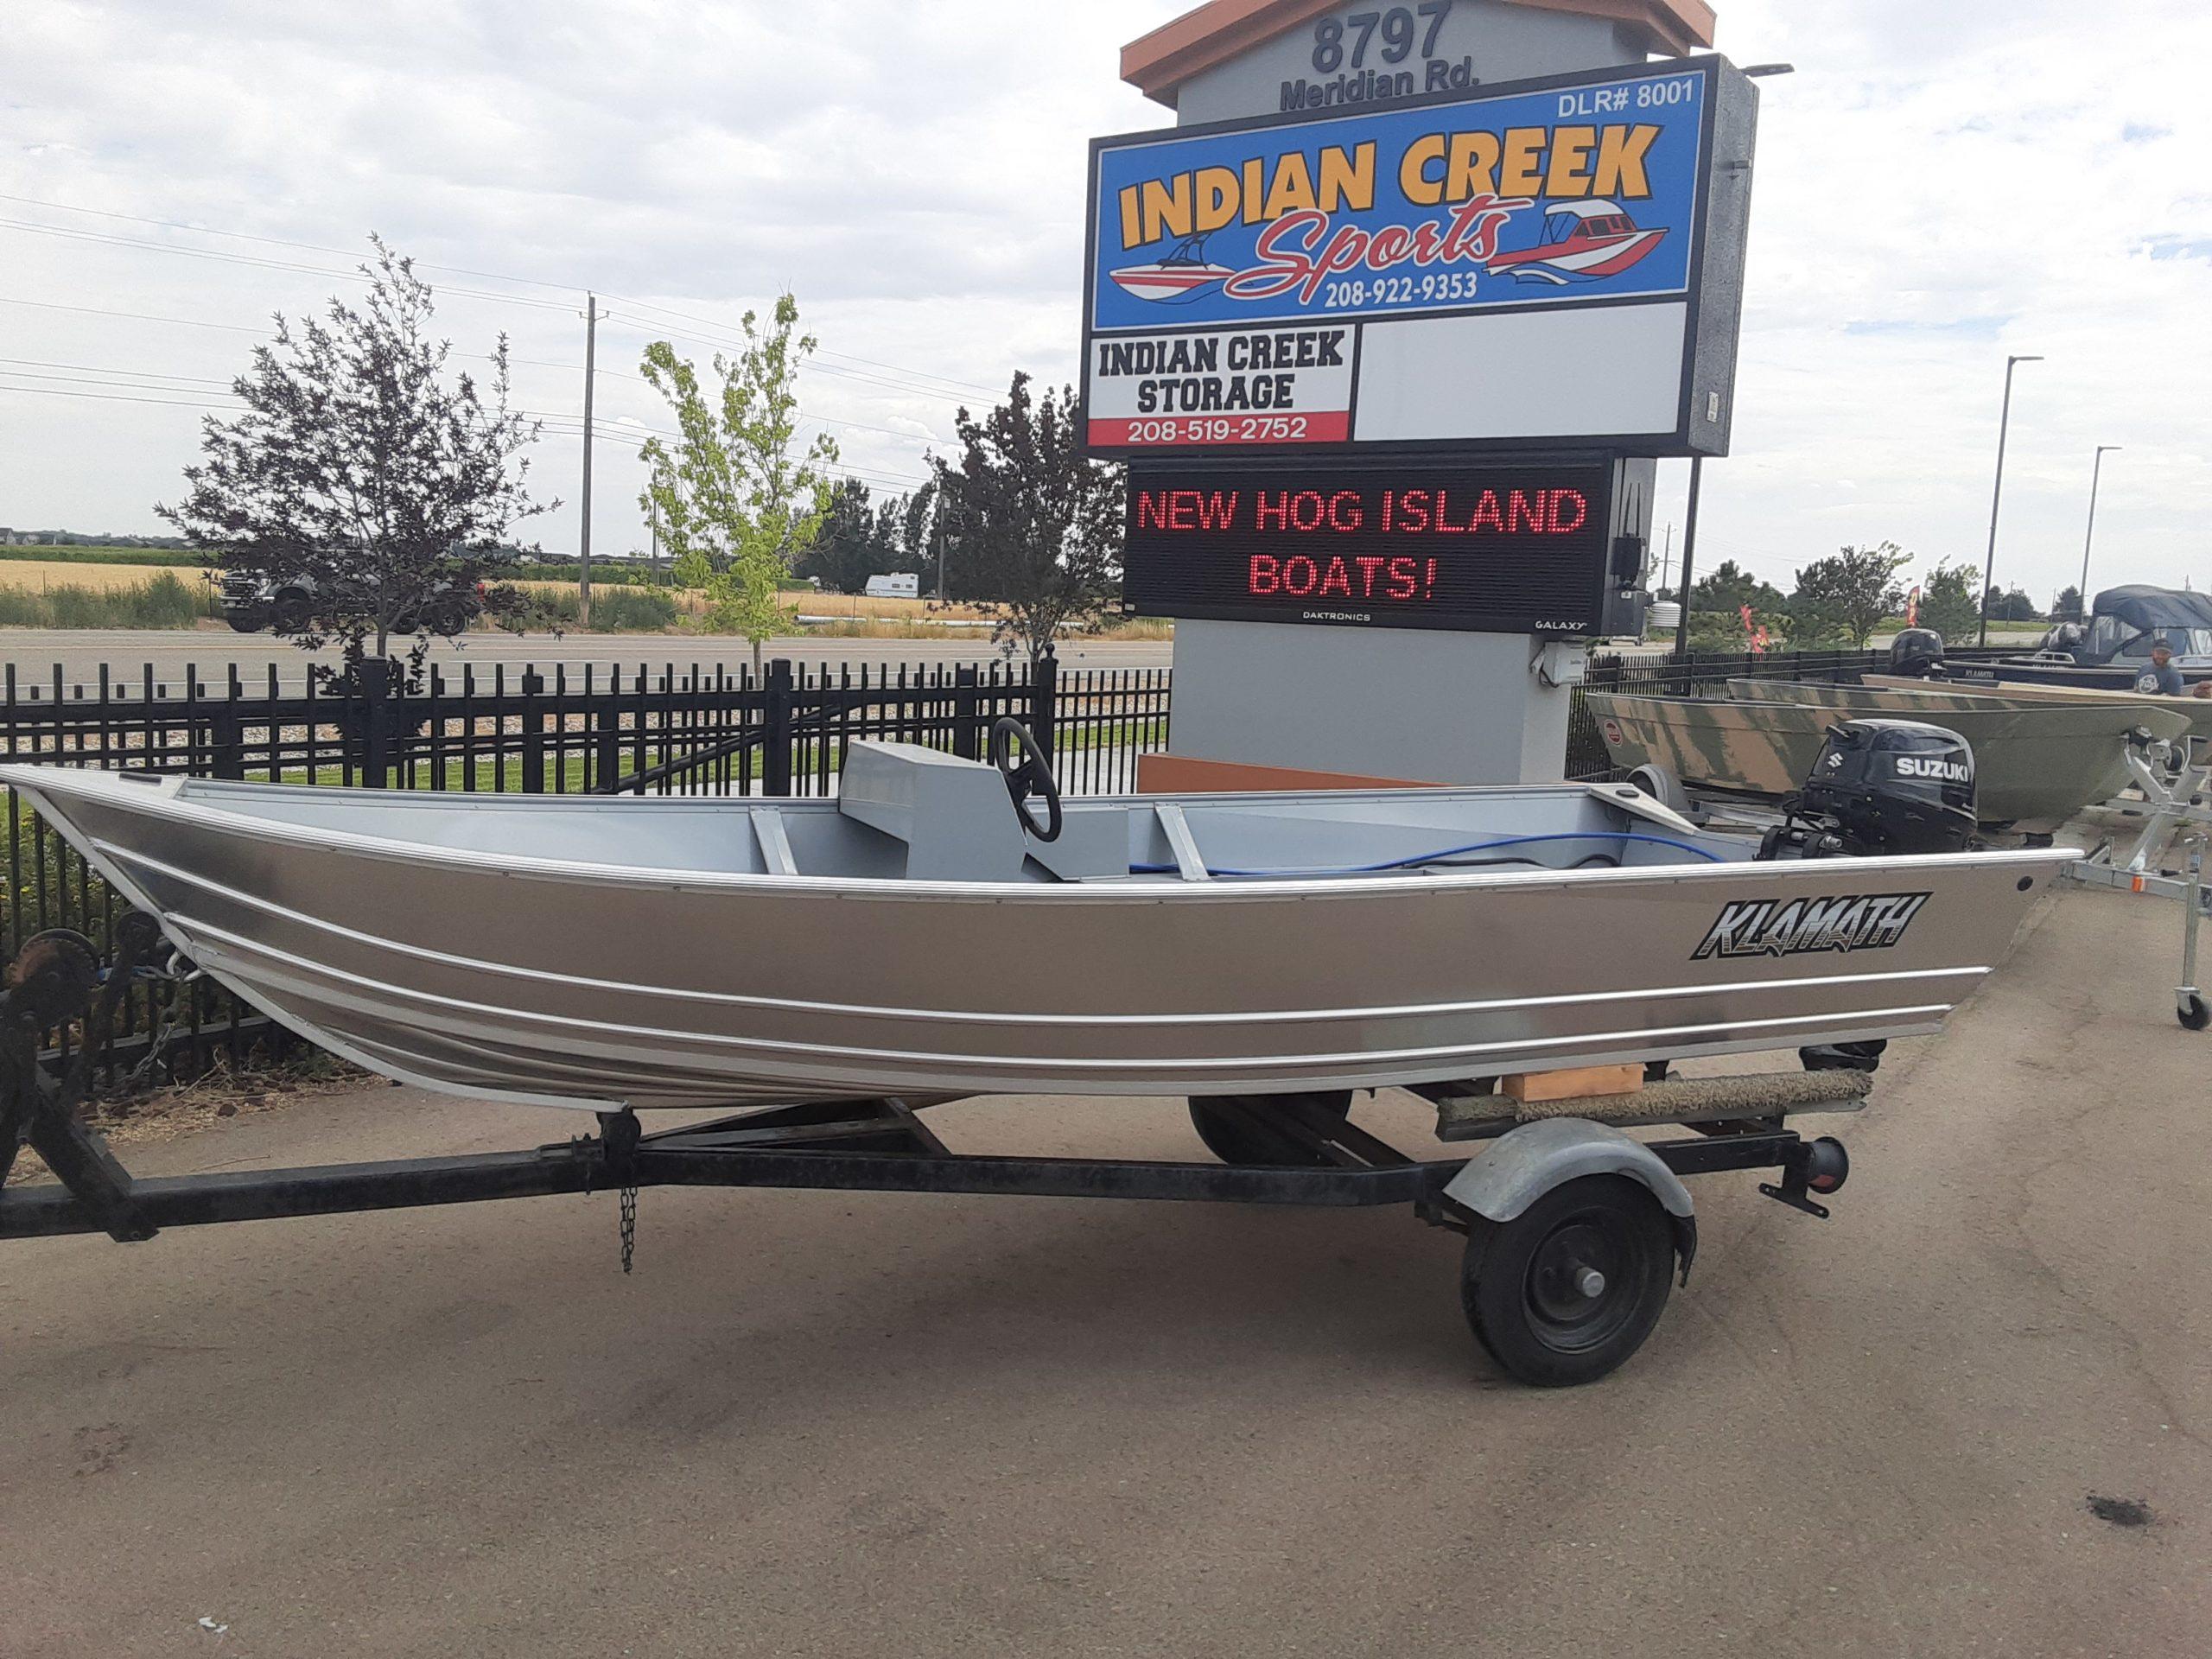 2021 Klamath Deluxe S Boat